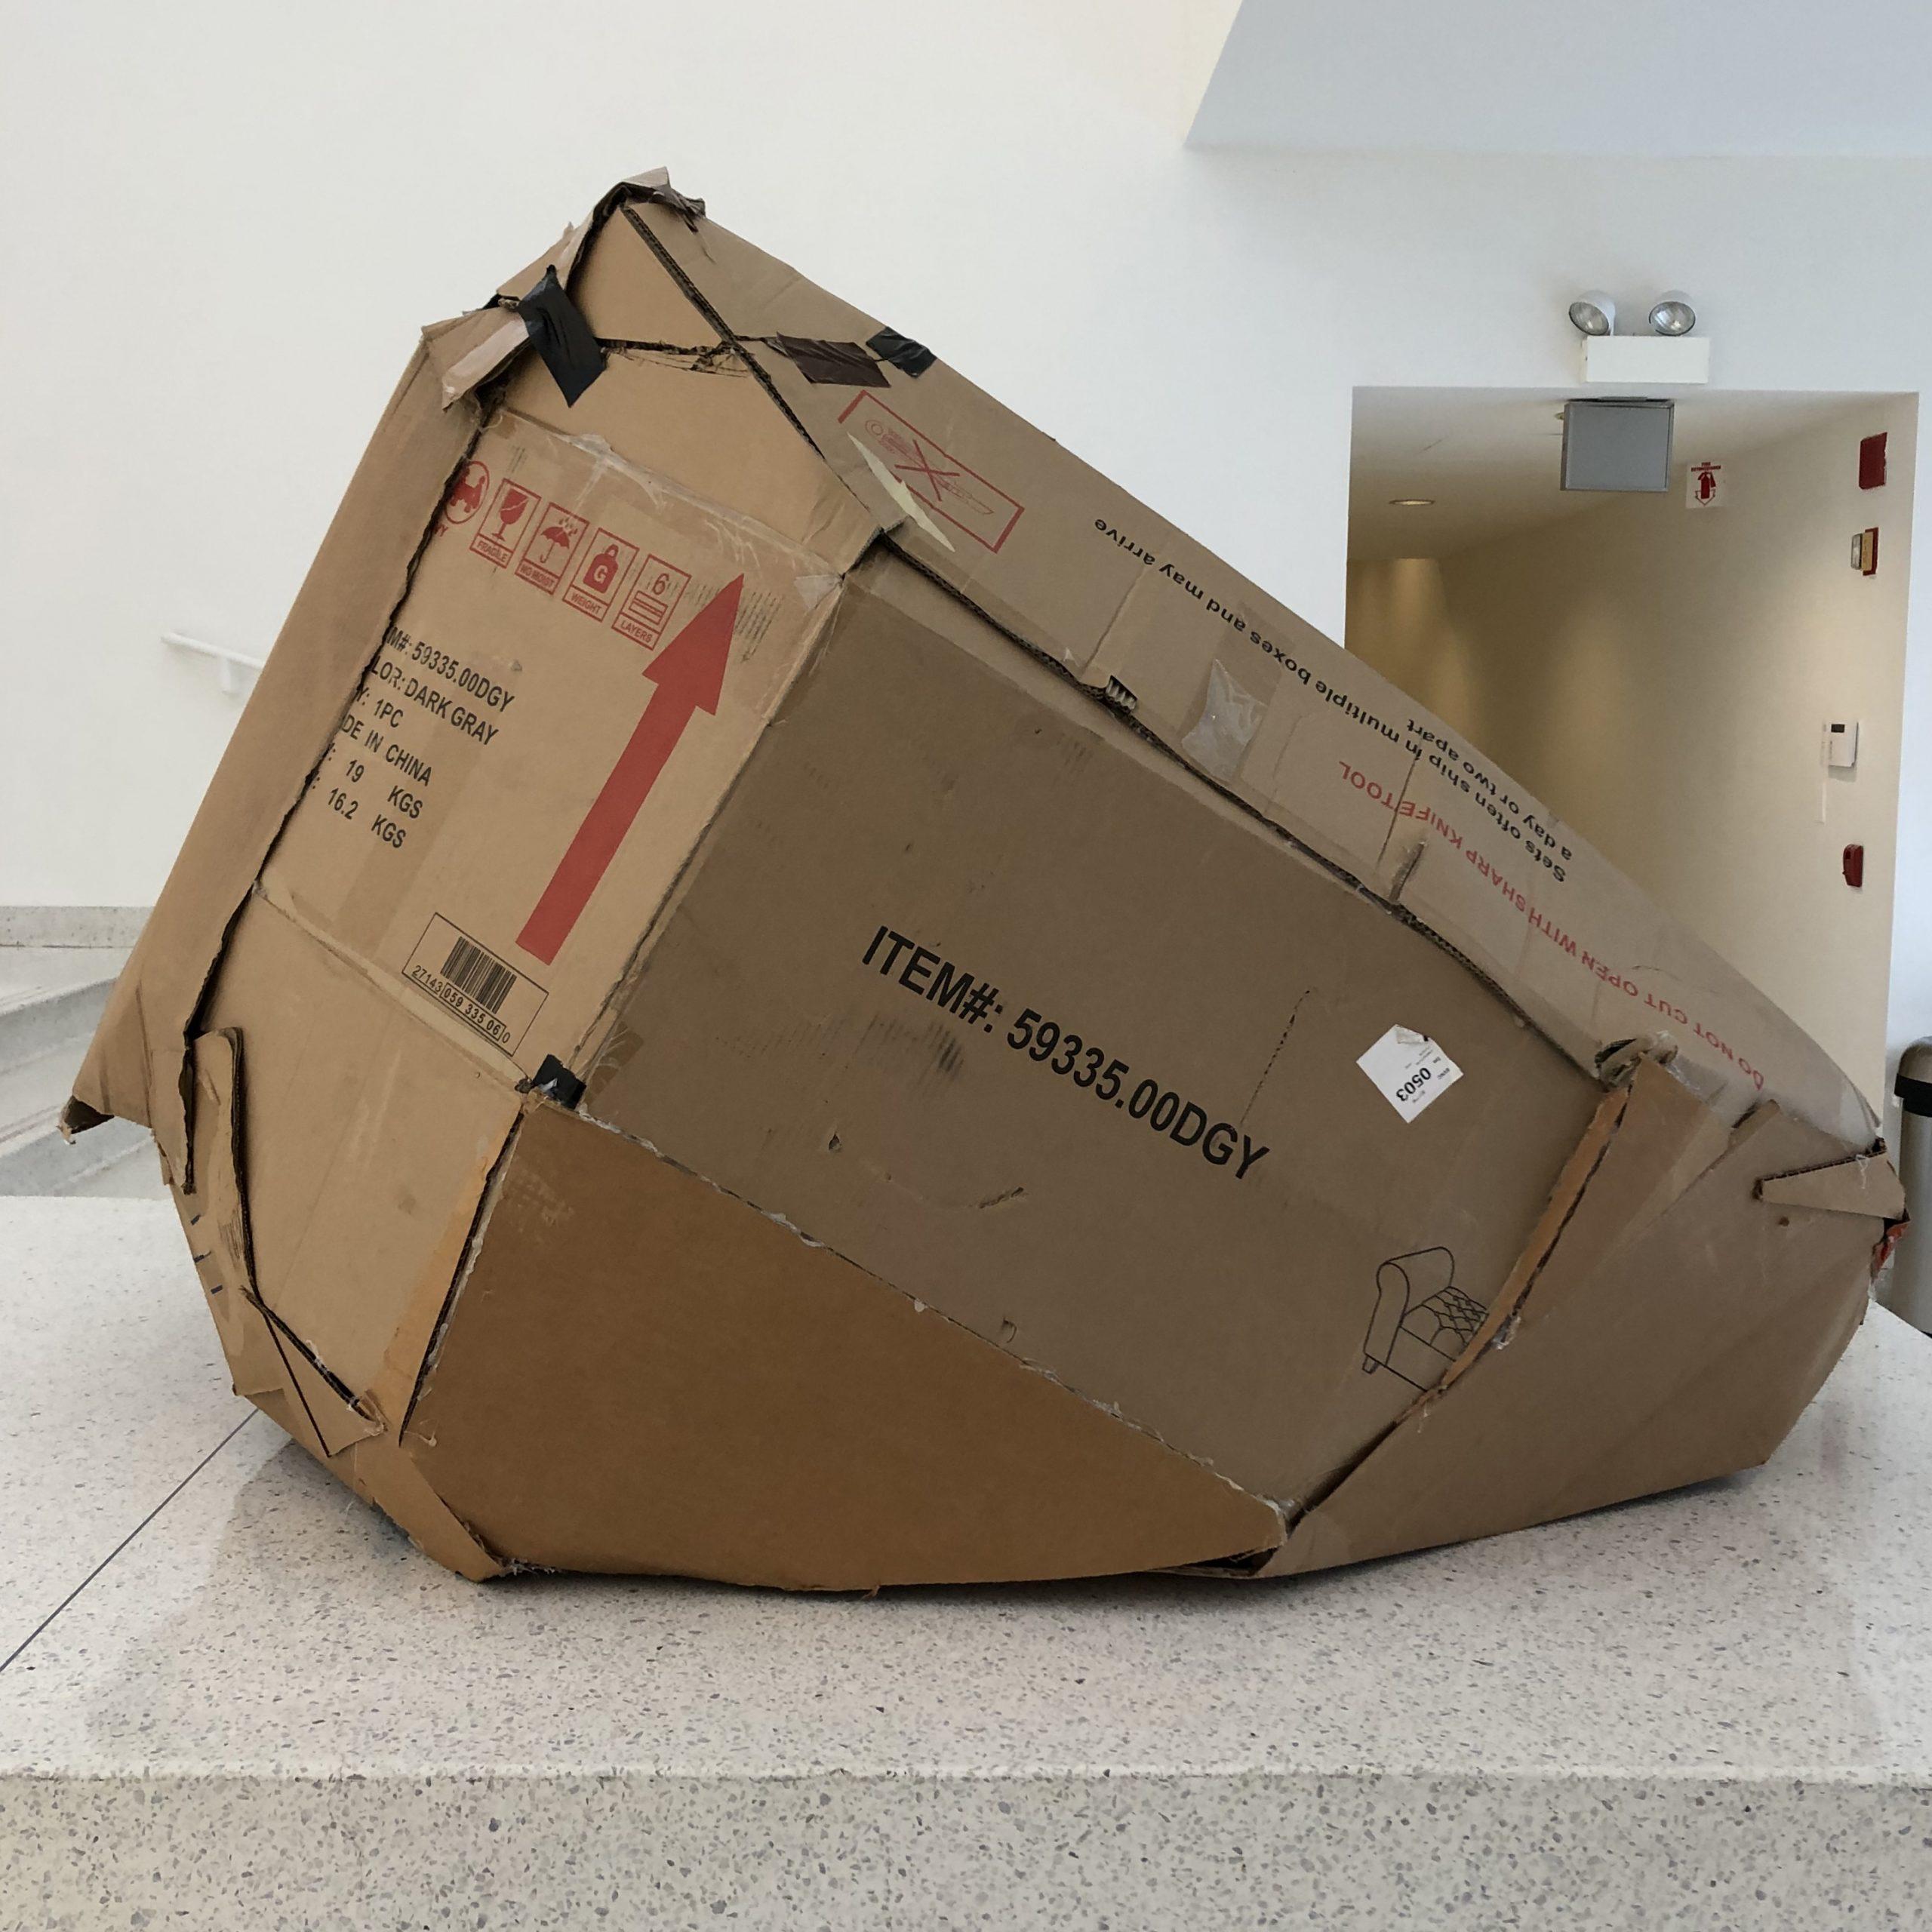 A cardboard boulder.